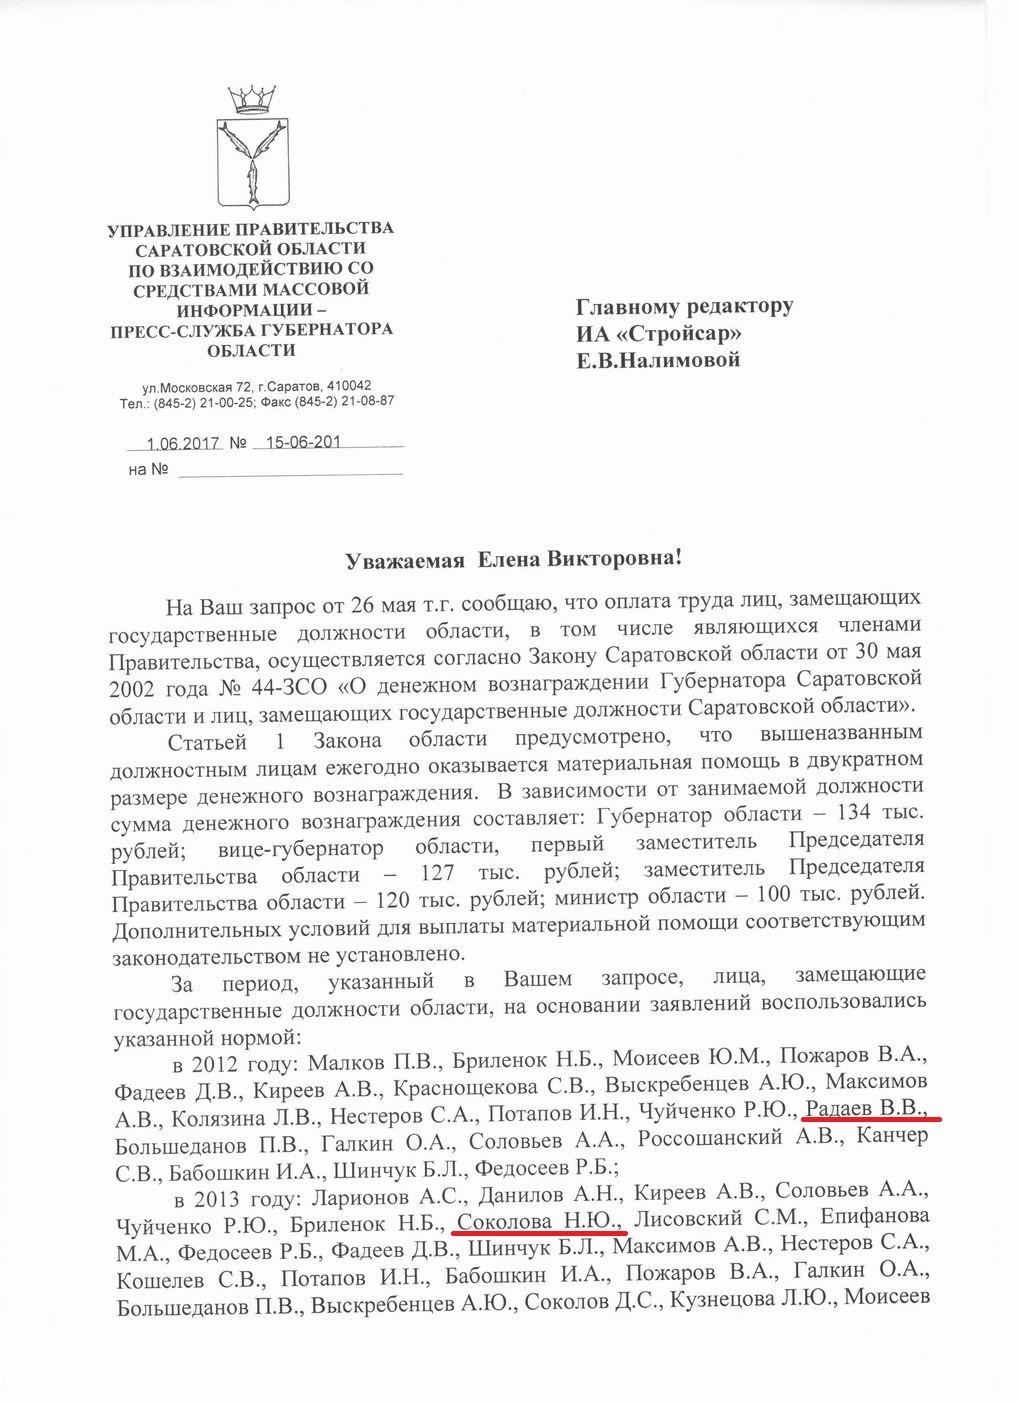 20181013_08-43-«Министр с макарошками» получала материальную помощь от губернатора-pic3